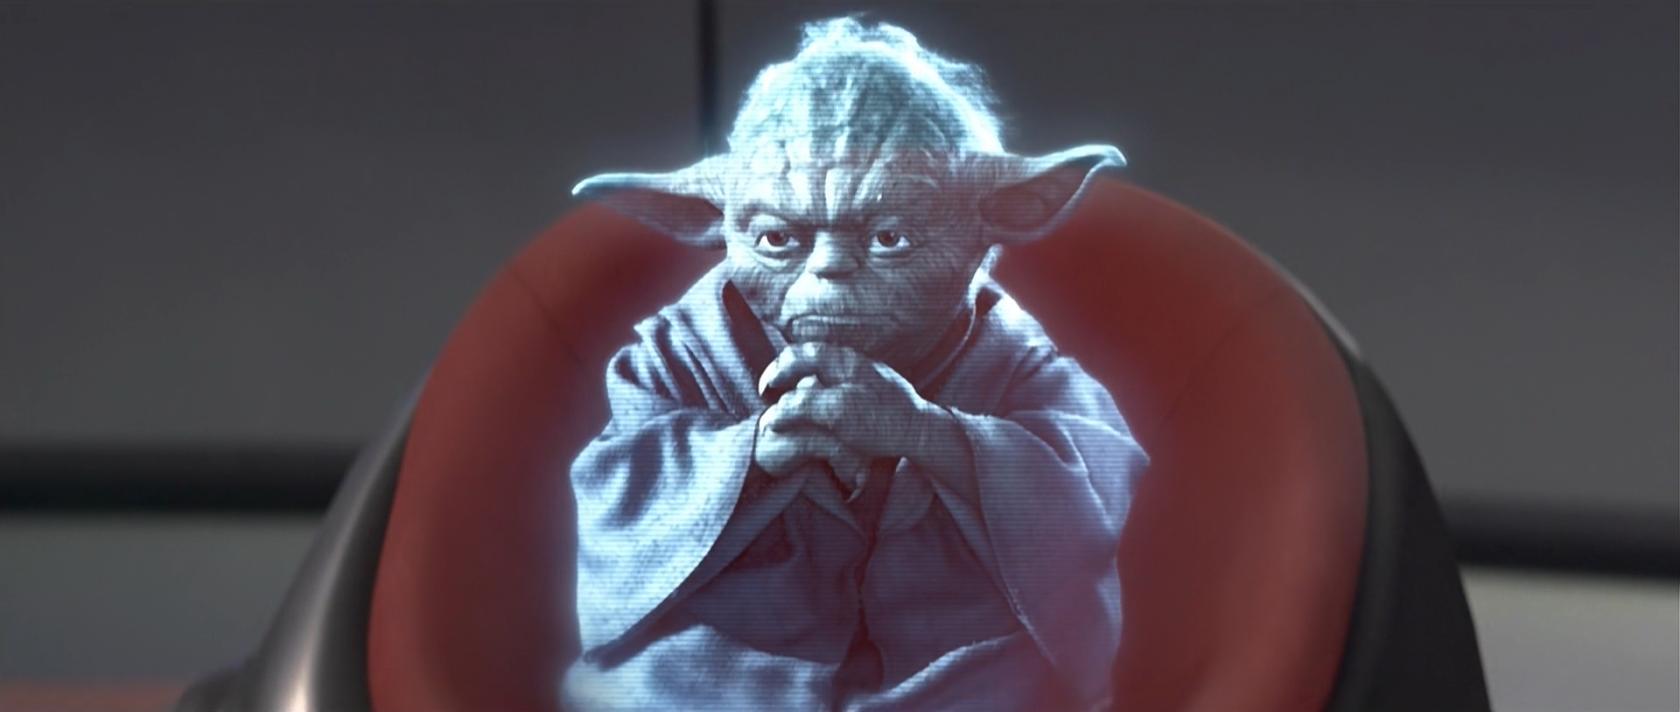 Yoda_hologram